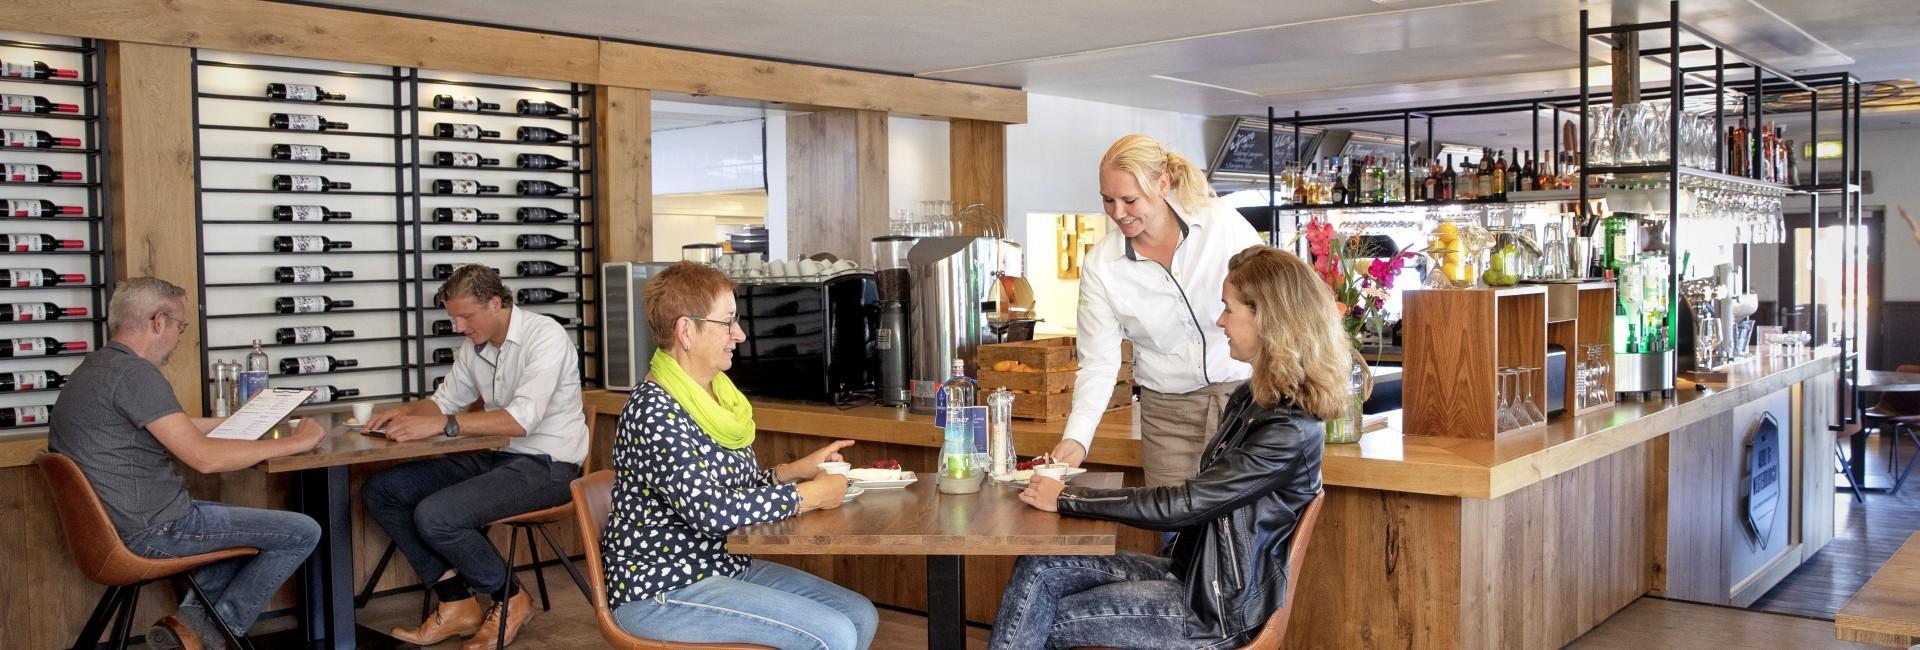 Hotel | Restaurant | Wellness | Terrasse | Tagungen | Festlichkeiten